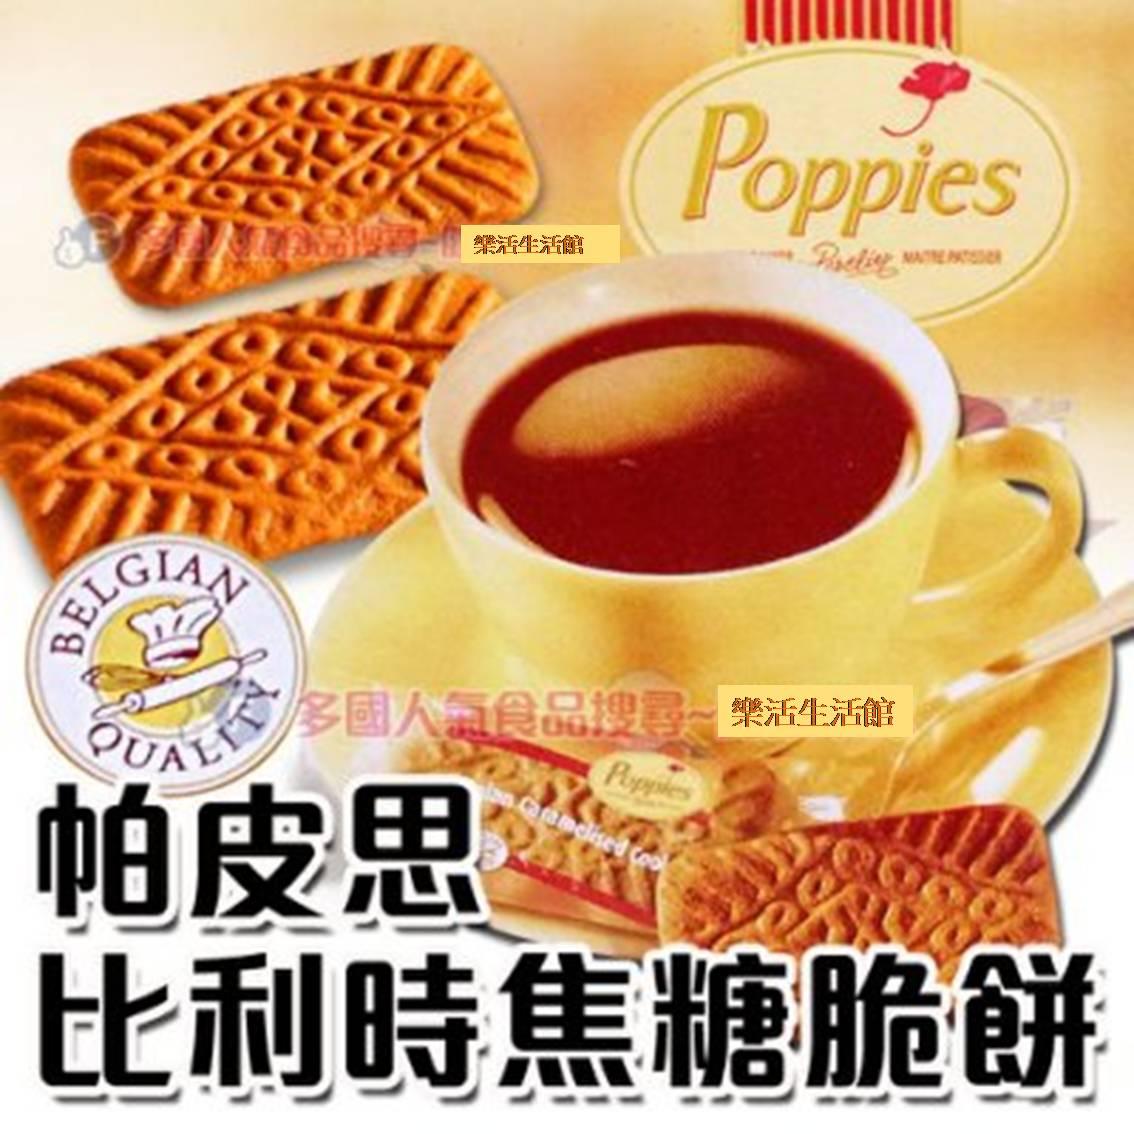 POPPIES帕皮思比利時焦糖脆餅 單片  【樂活生活館】